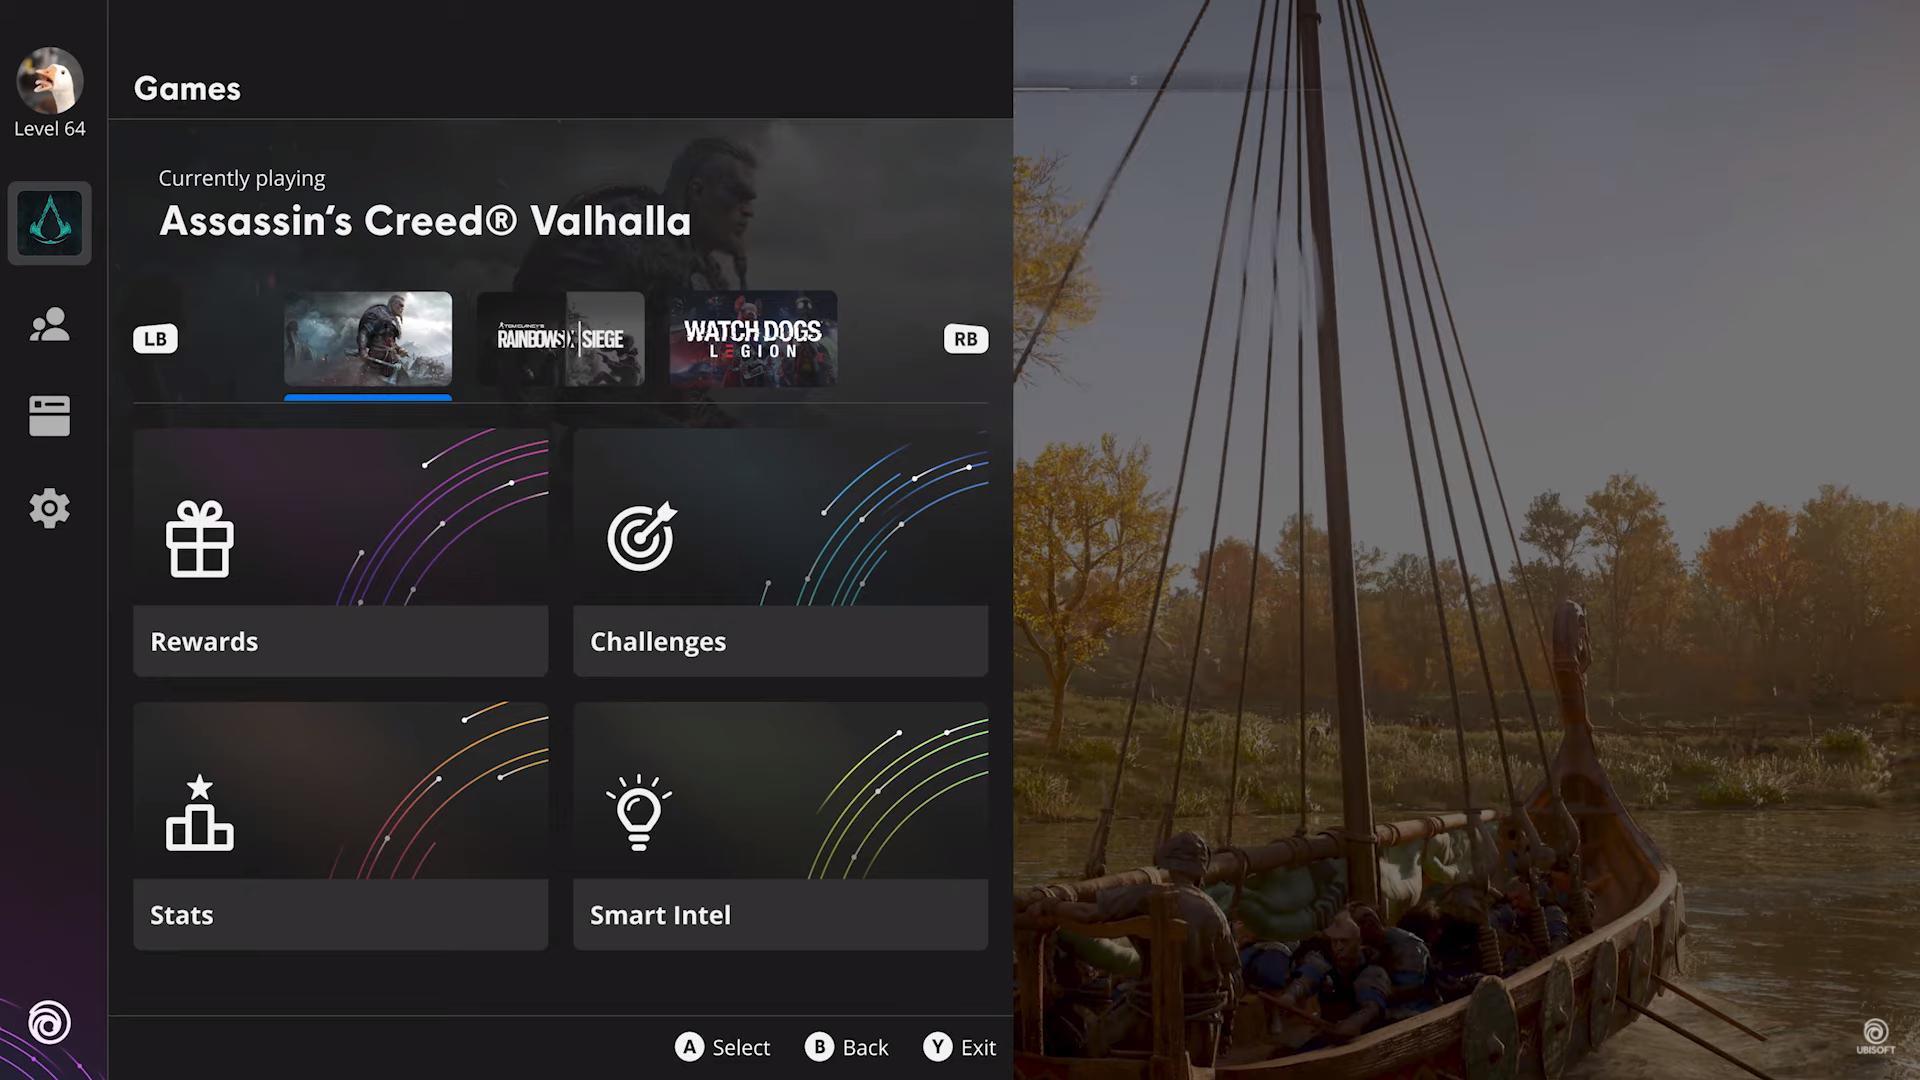 Ubisoft Connect UI